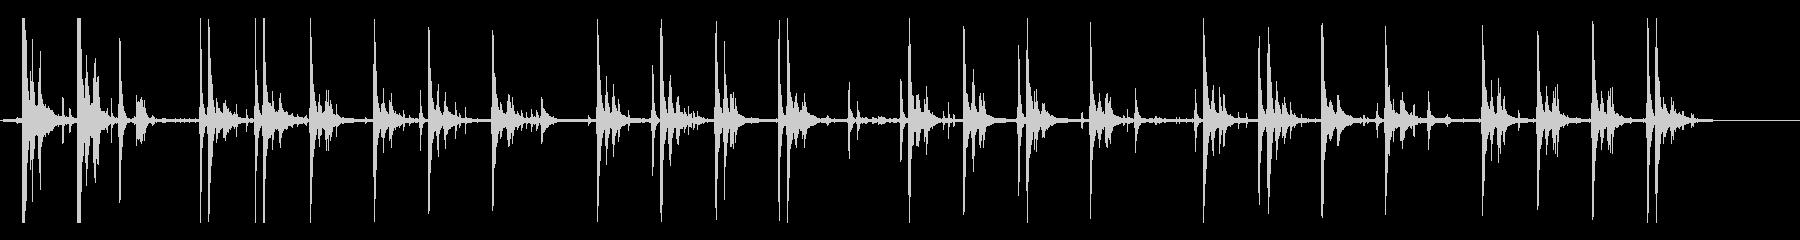 ドリルプレス-ワークショップの未再生の波形